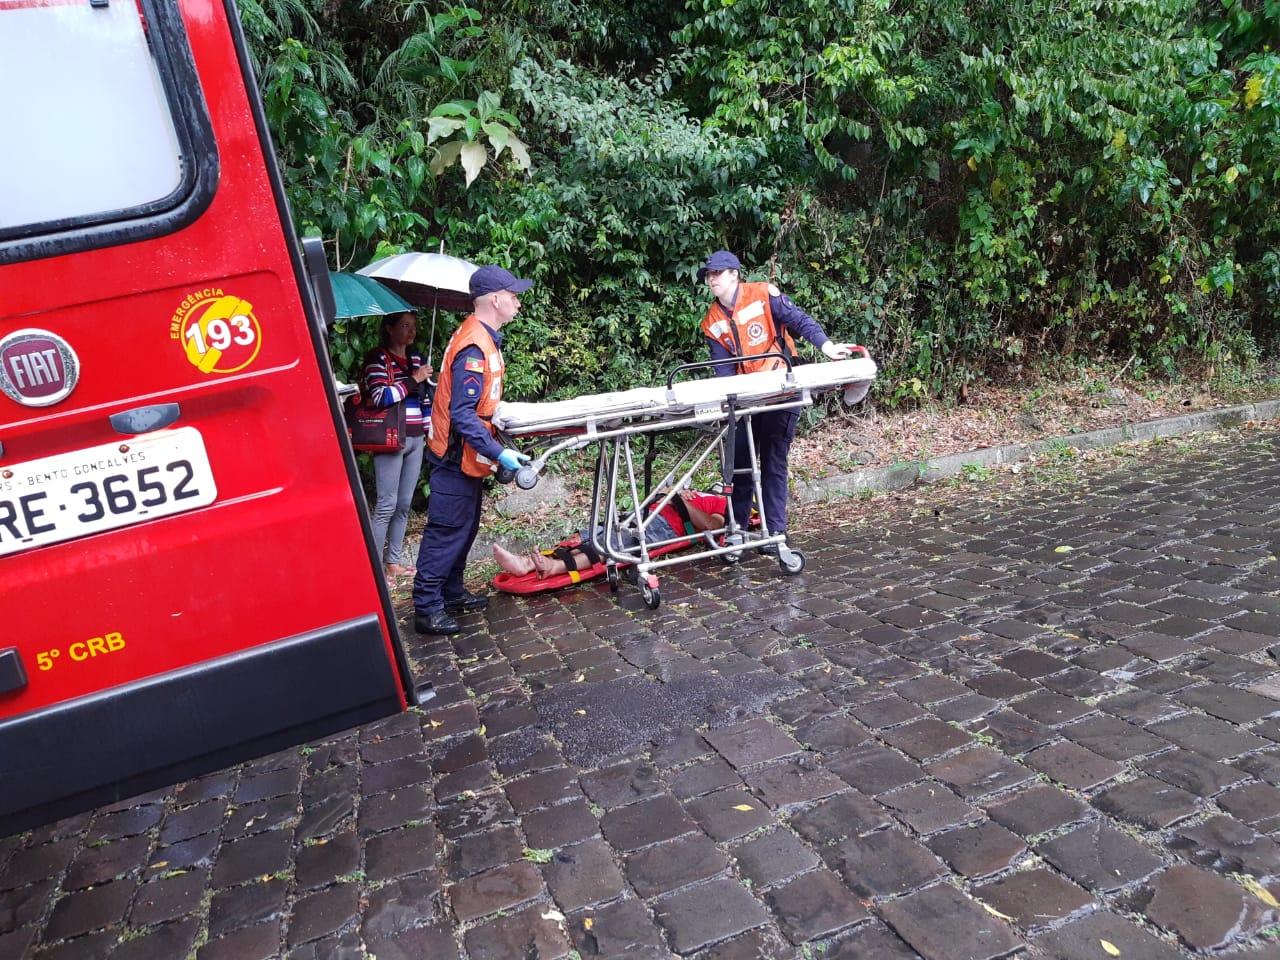 Motociclista fica ferido após sofrer queda no Santa Marta em Bento